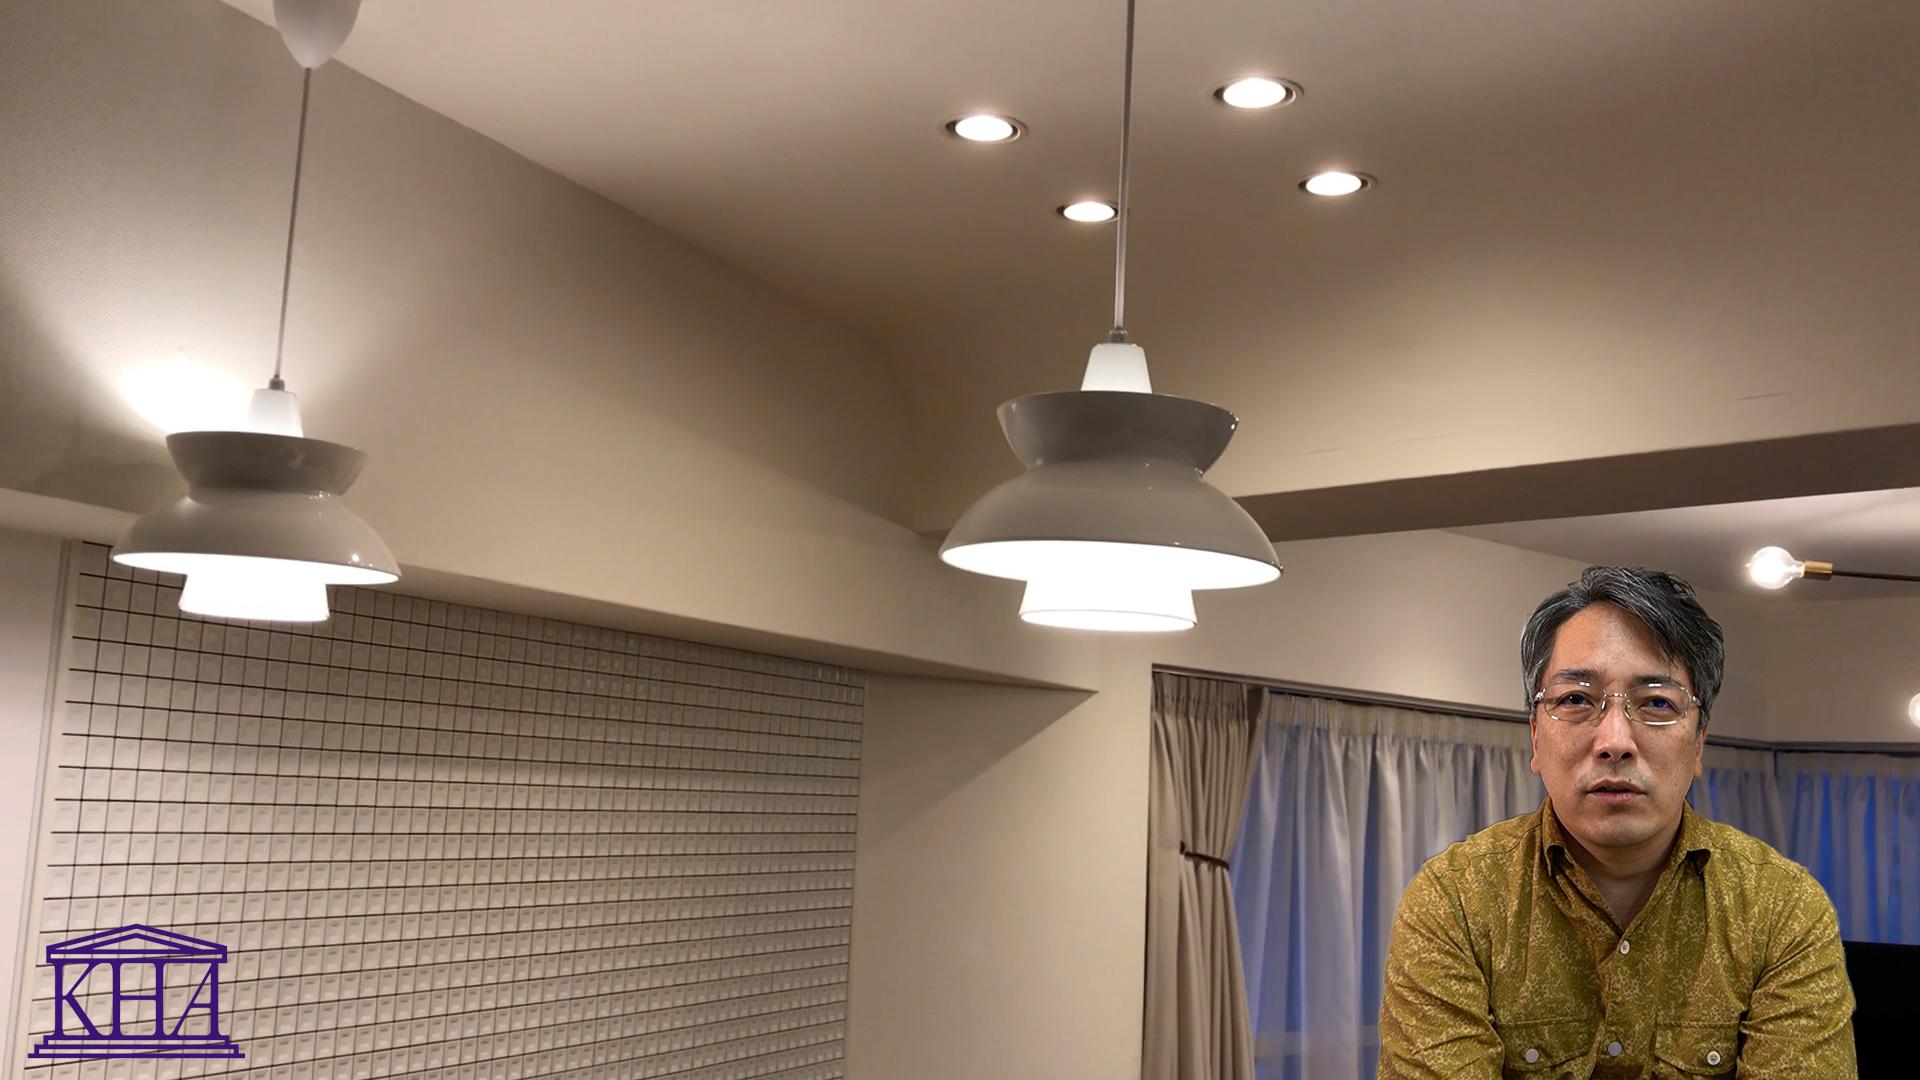 照明器具の選び方を動画で解説